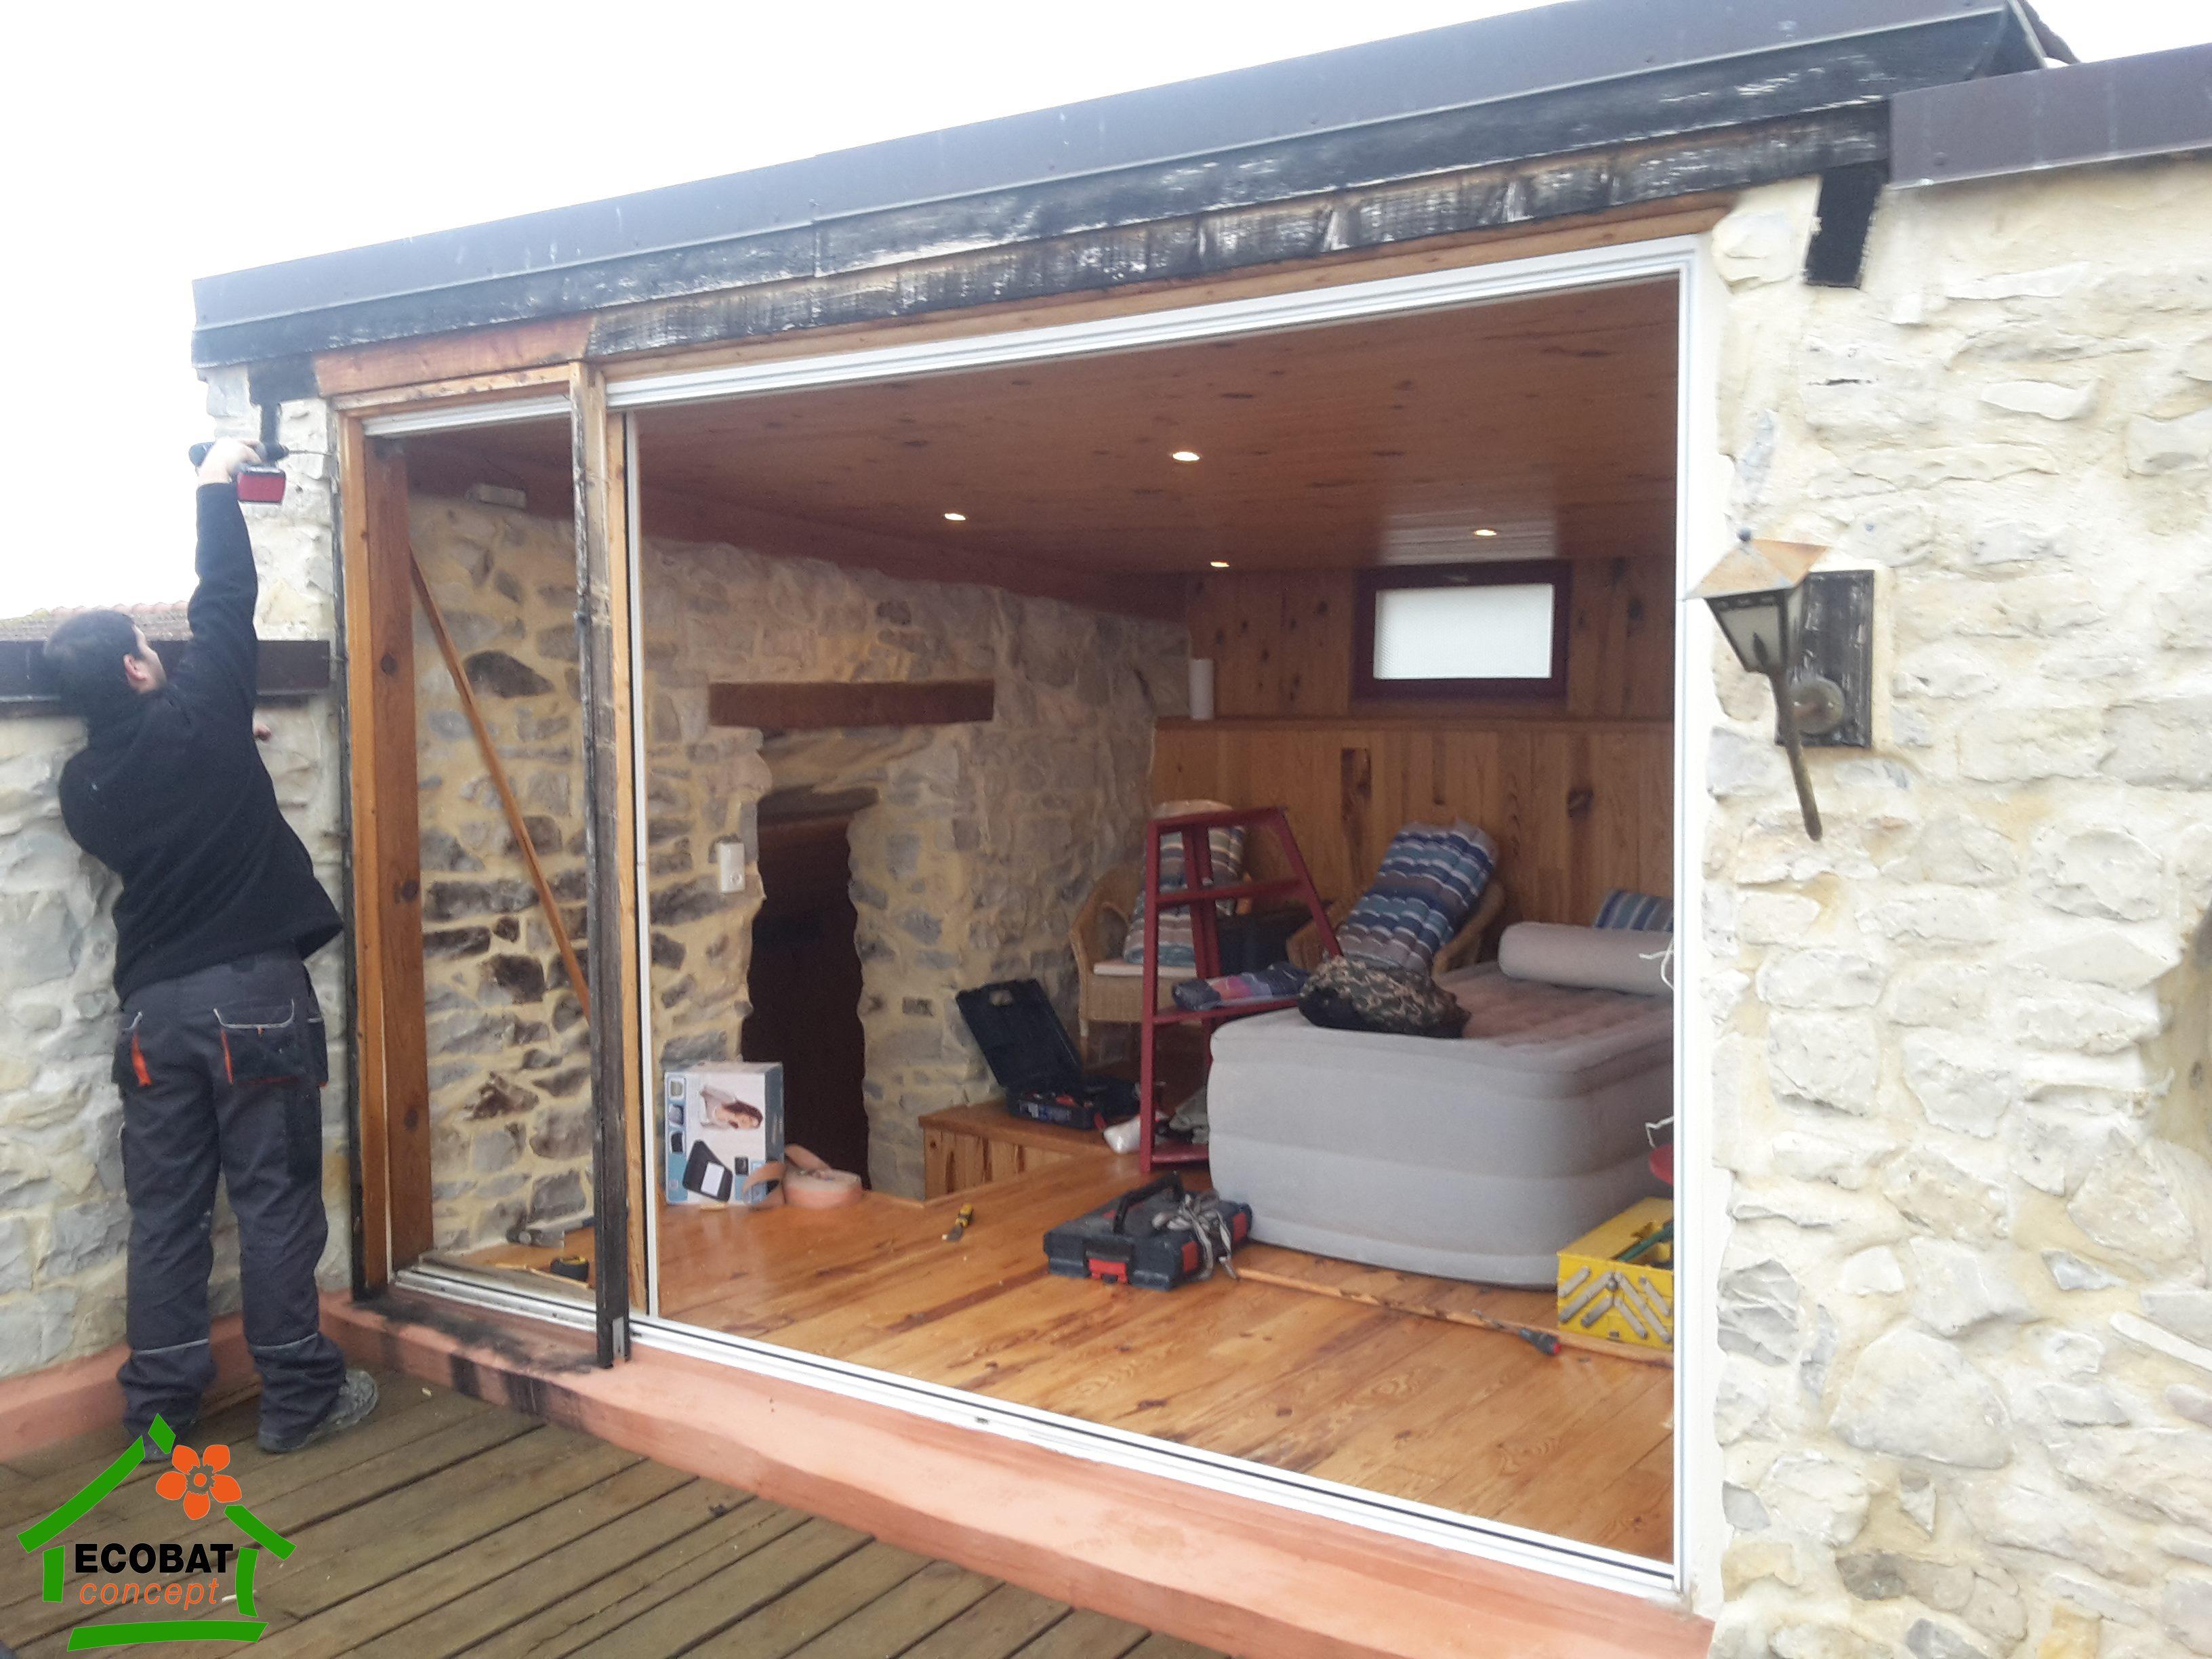 Porte vitr e coulissante ext rieure - Porte vitree exterieure aluminium ...